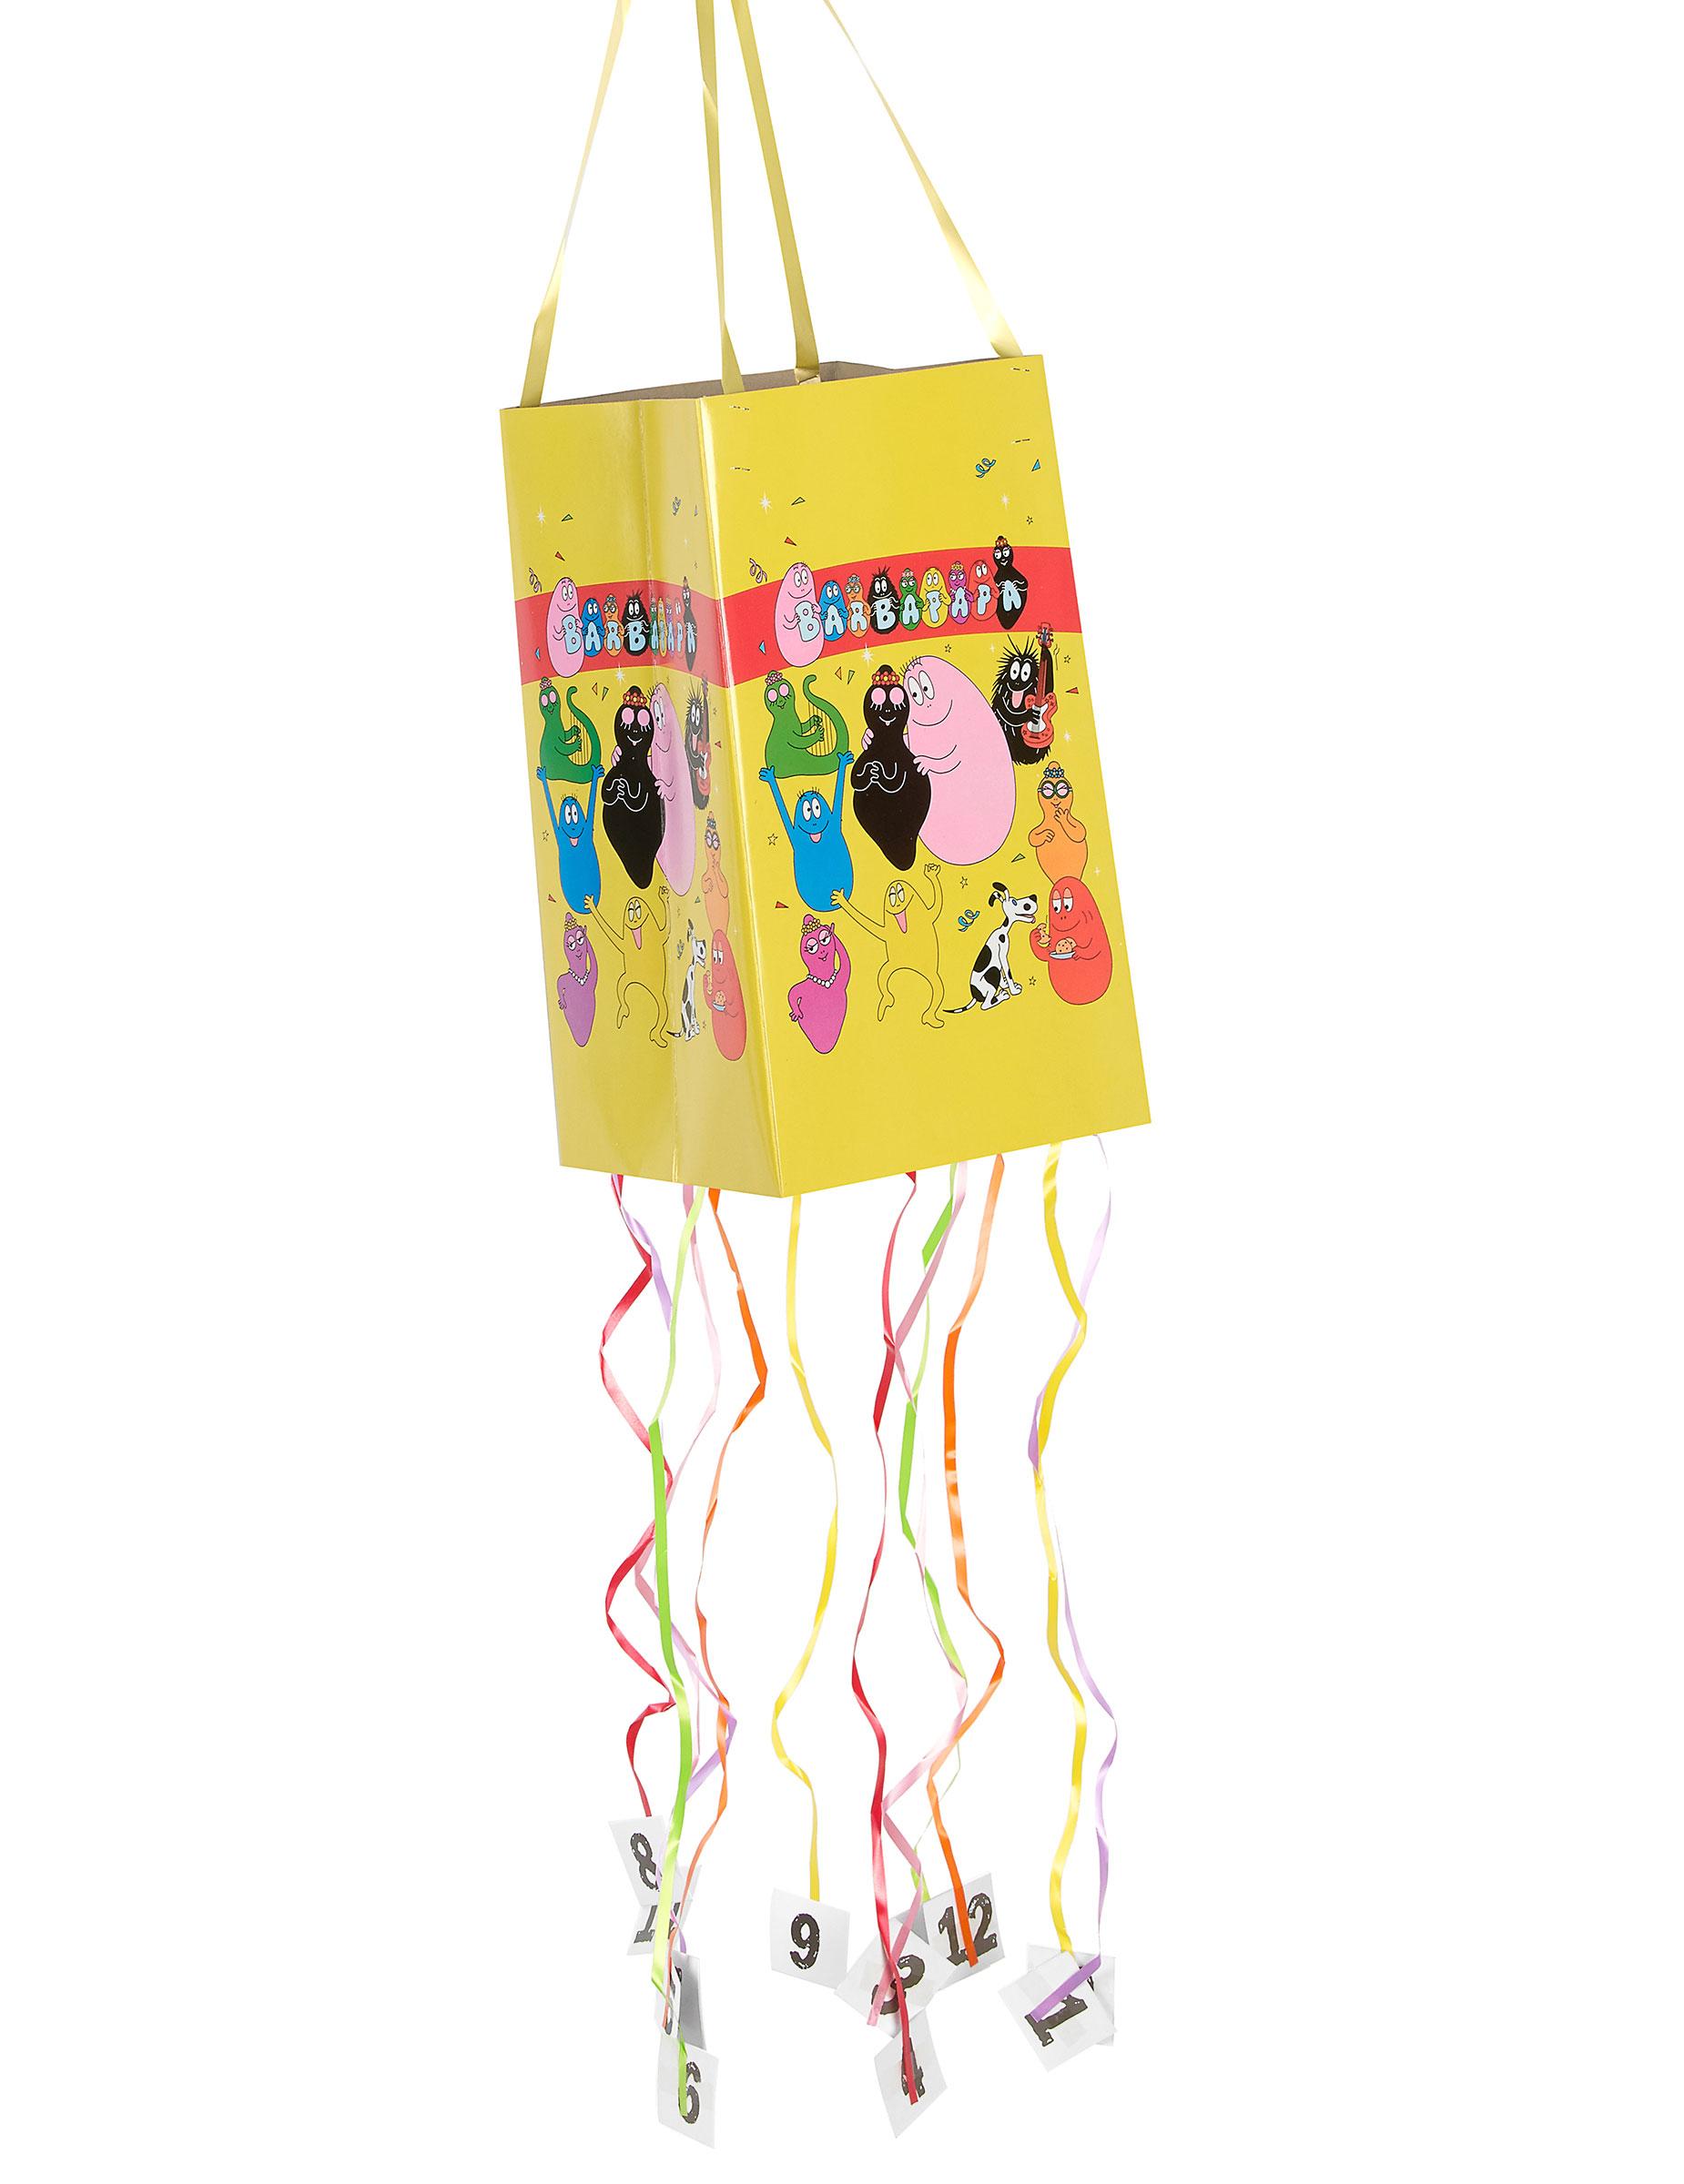 Pi ata souple barbapapa d coration anniversaire et f tes th me sur vegaoo party - Decoration anniversaire barbapapa ...